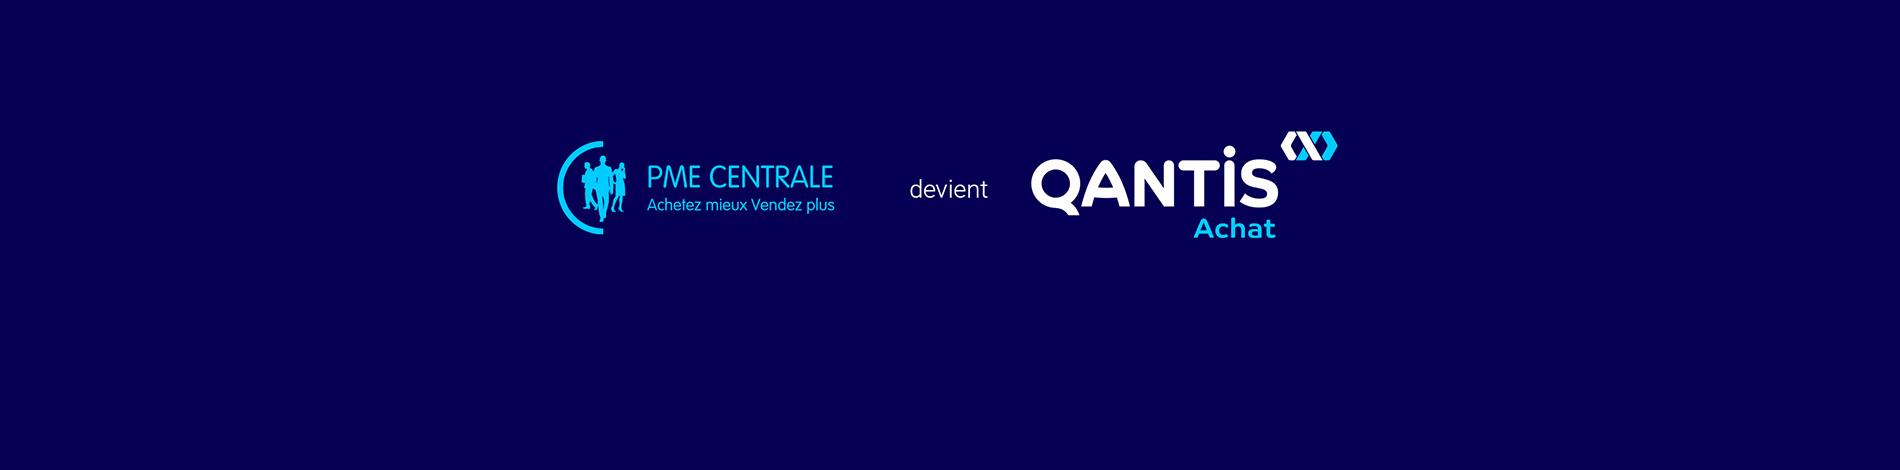 slider-pme-centrale-devient-qantis-up